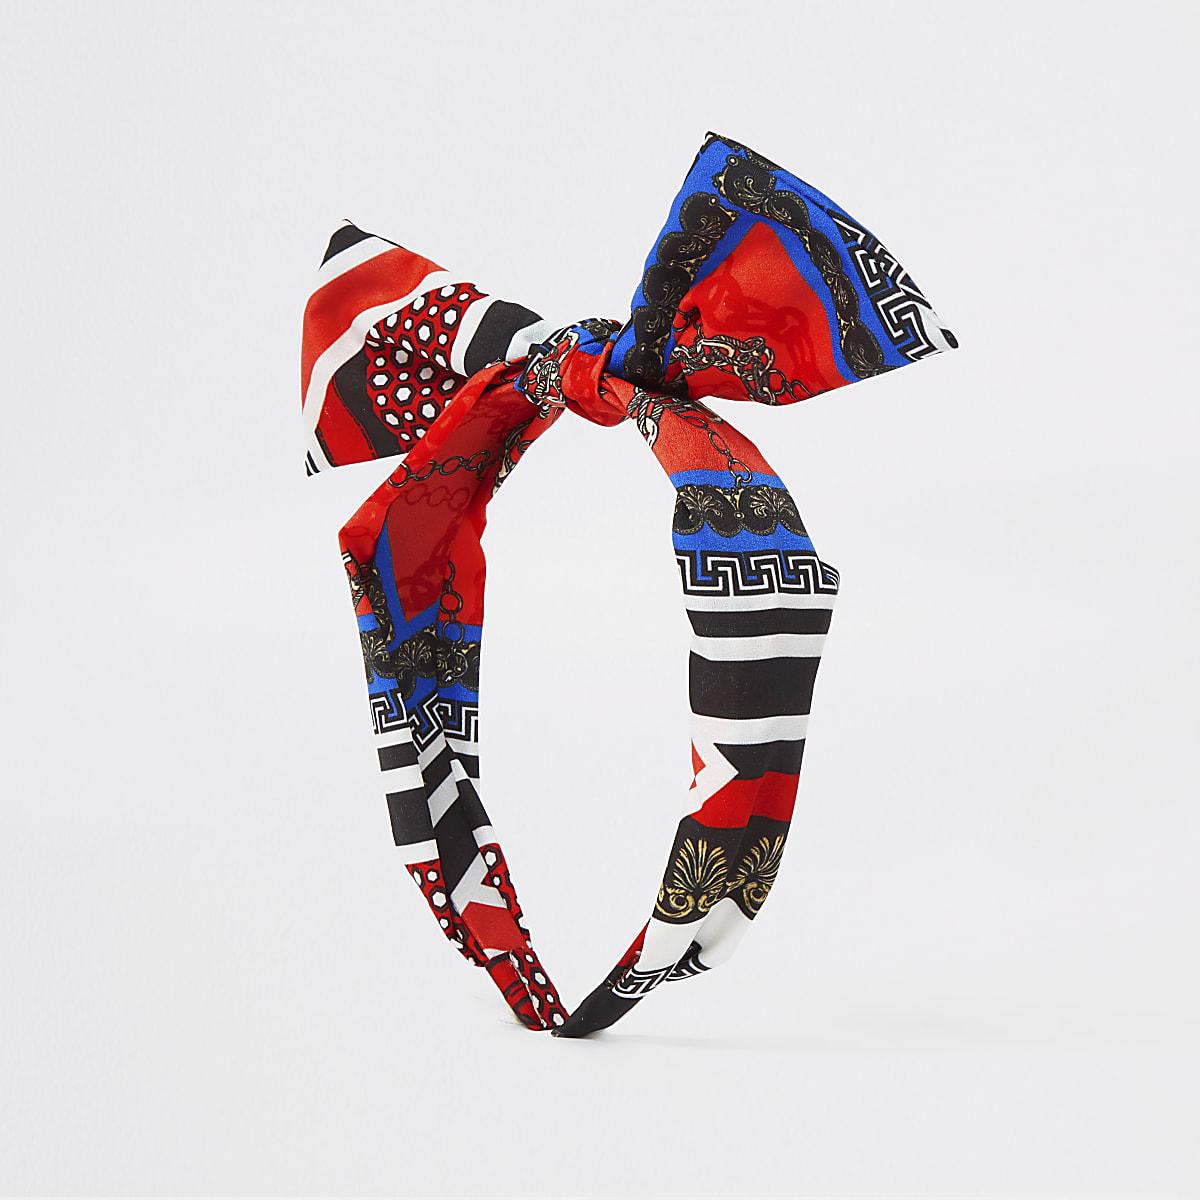 Blauwe hoofdband met knoop voor en sjaalprint voor meisjes